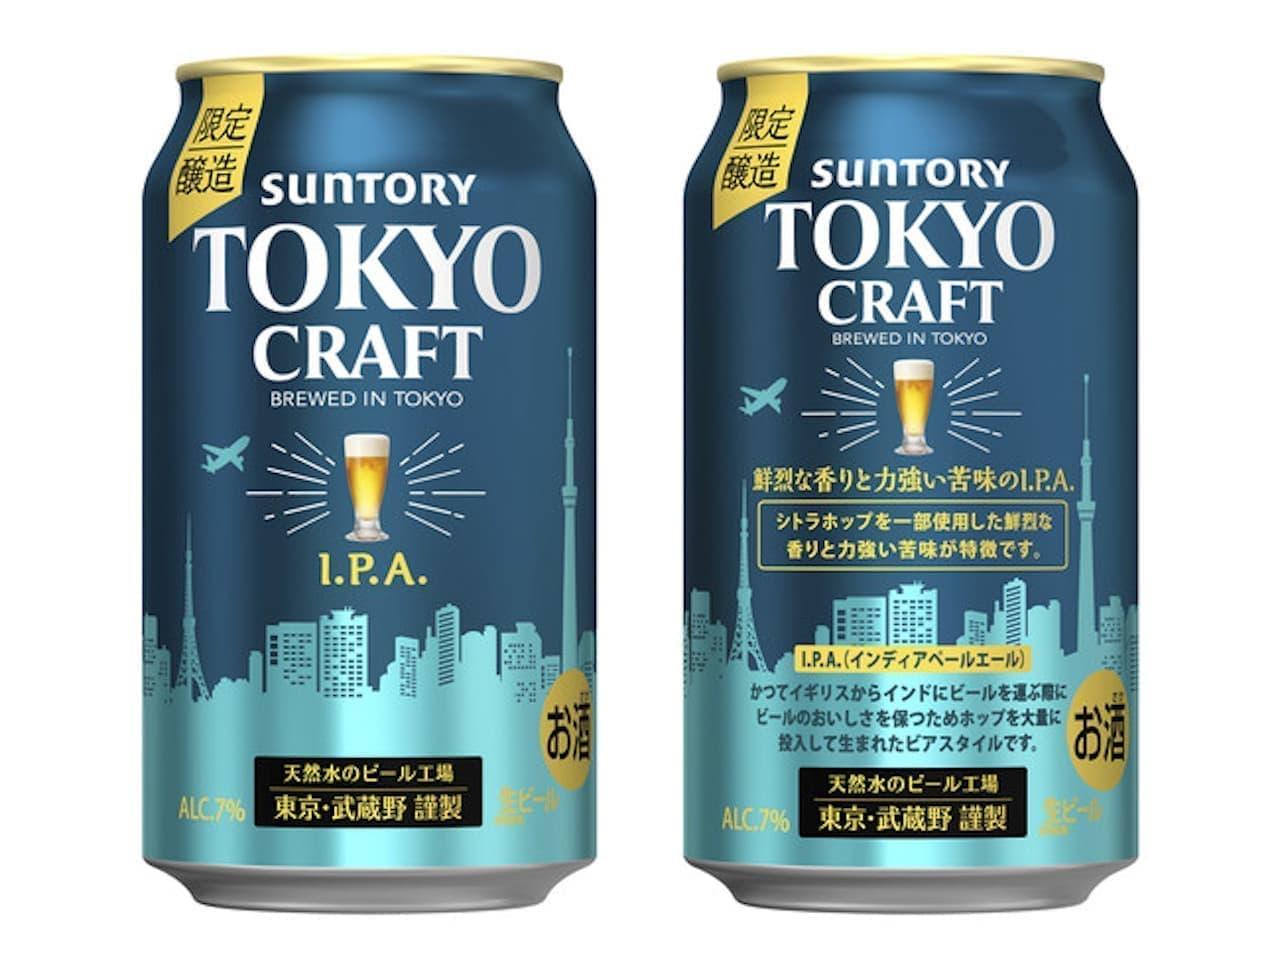 数量限定「東京クラフト〈I.P.A.〉」シトラホップ由来の鮮烈な香りと力強い苦味